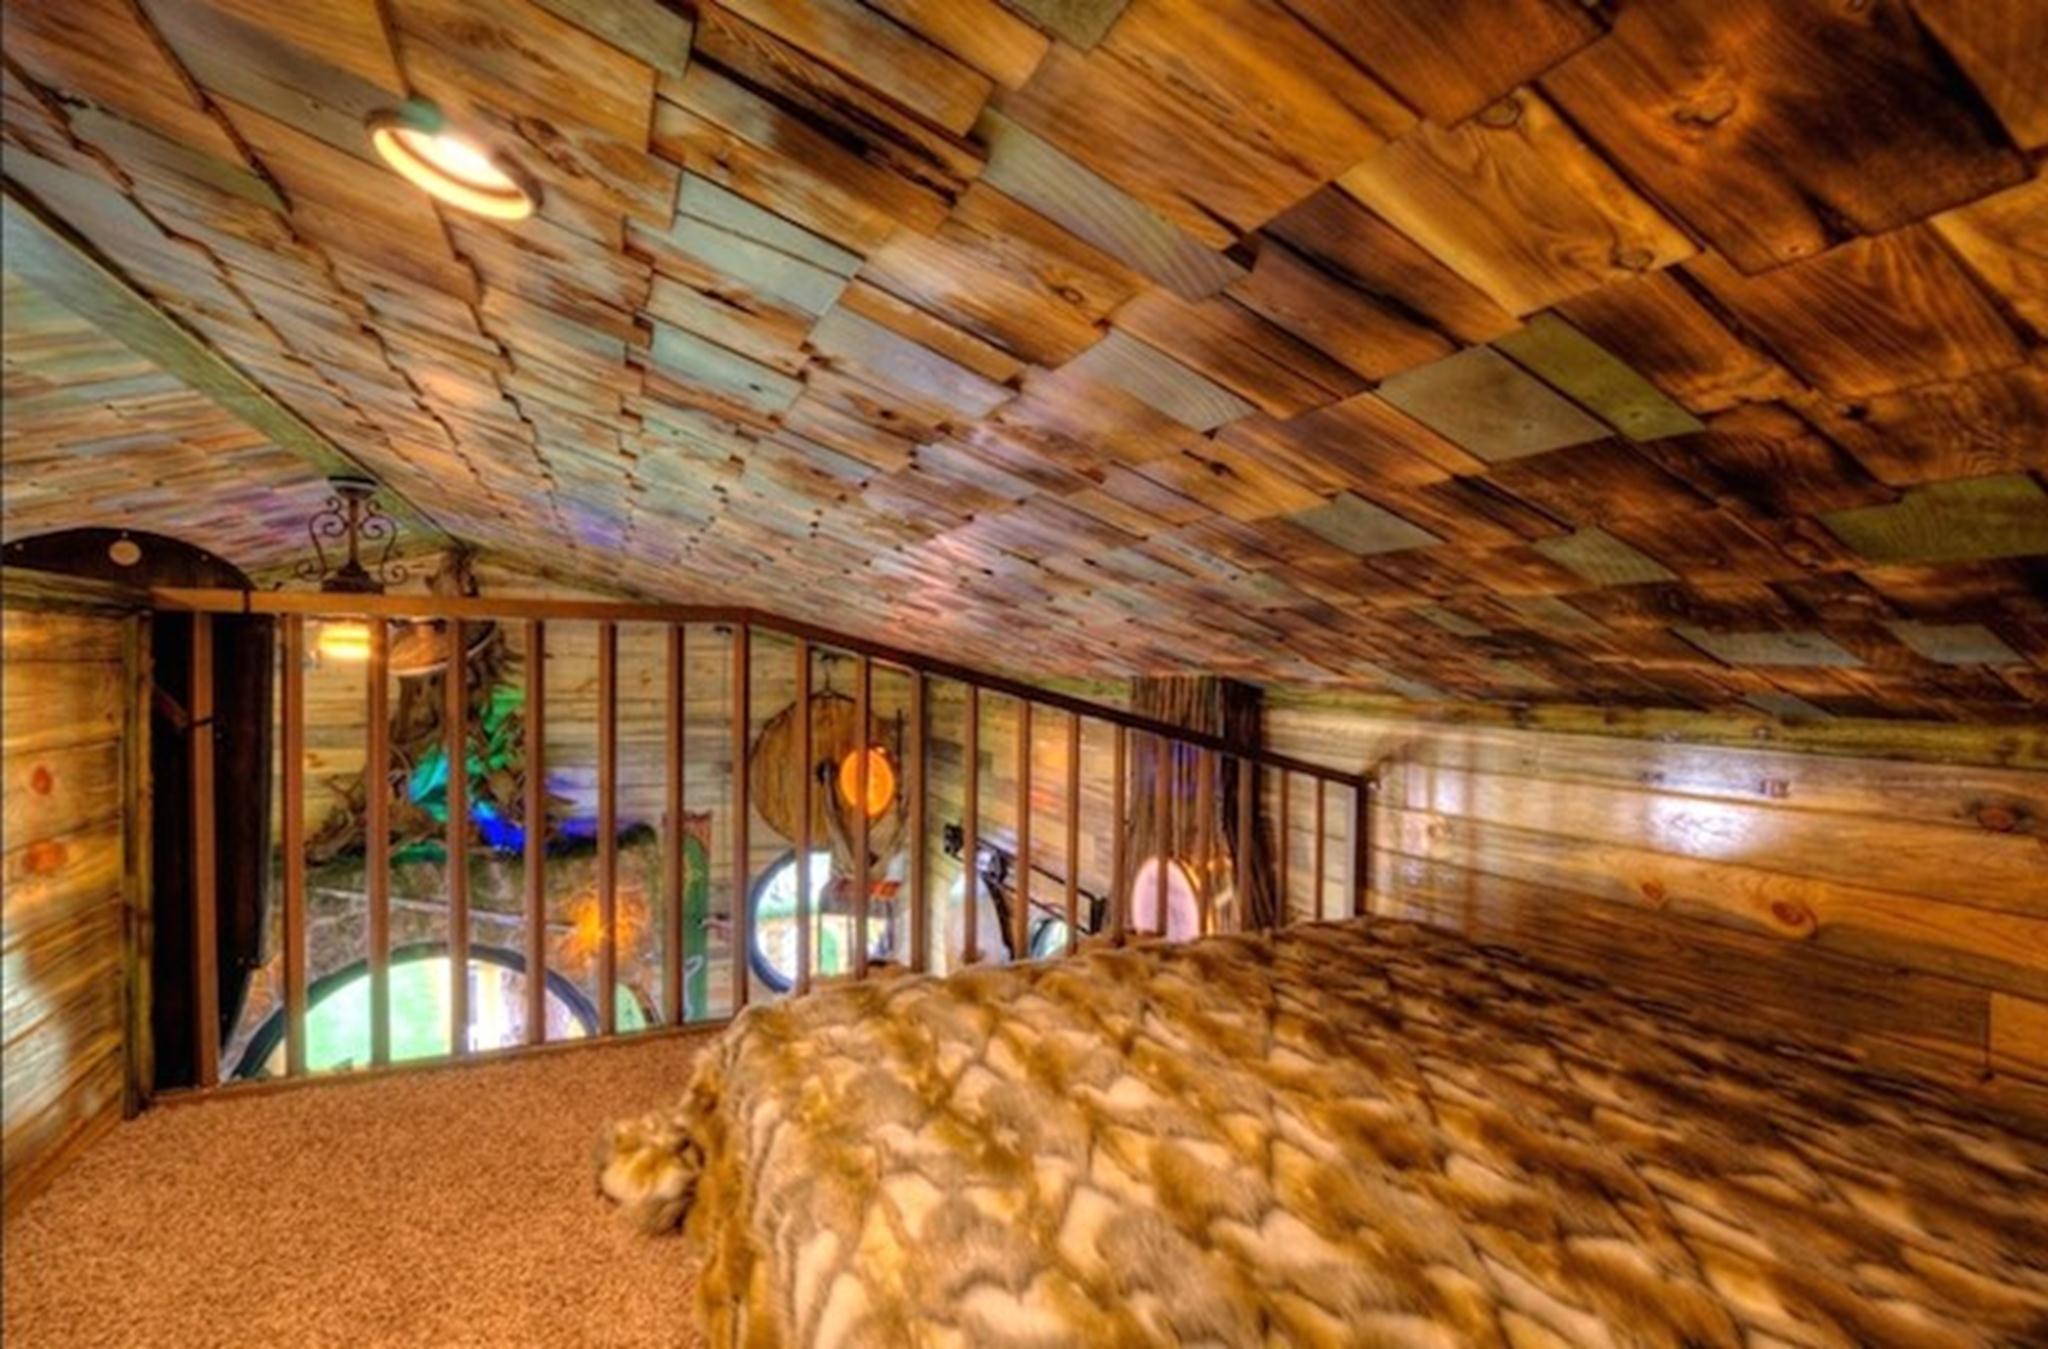 Ngôi nhà có 4 phòng ngủ và nội thất đầy đủ cho 1 gia đình lớn.